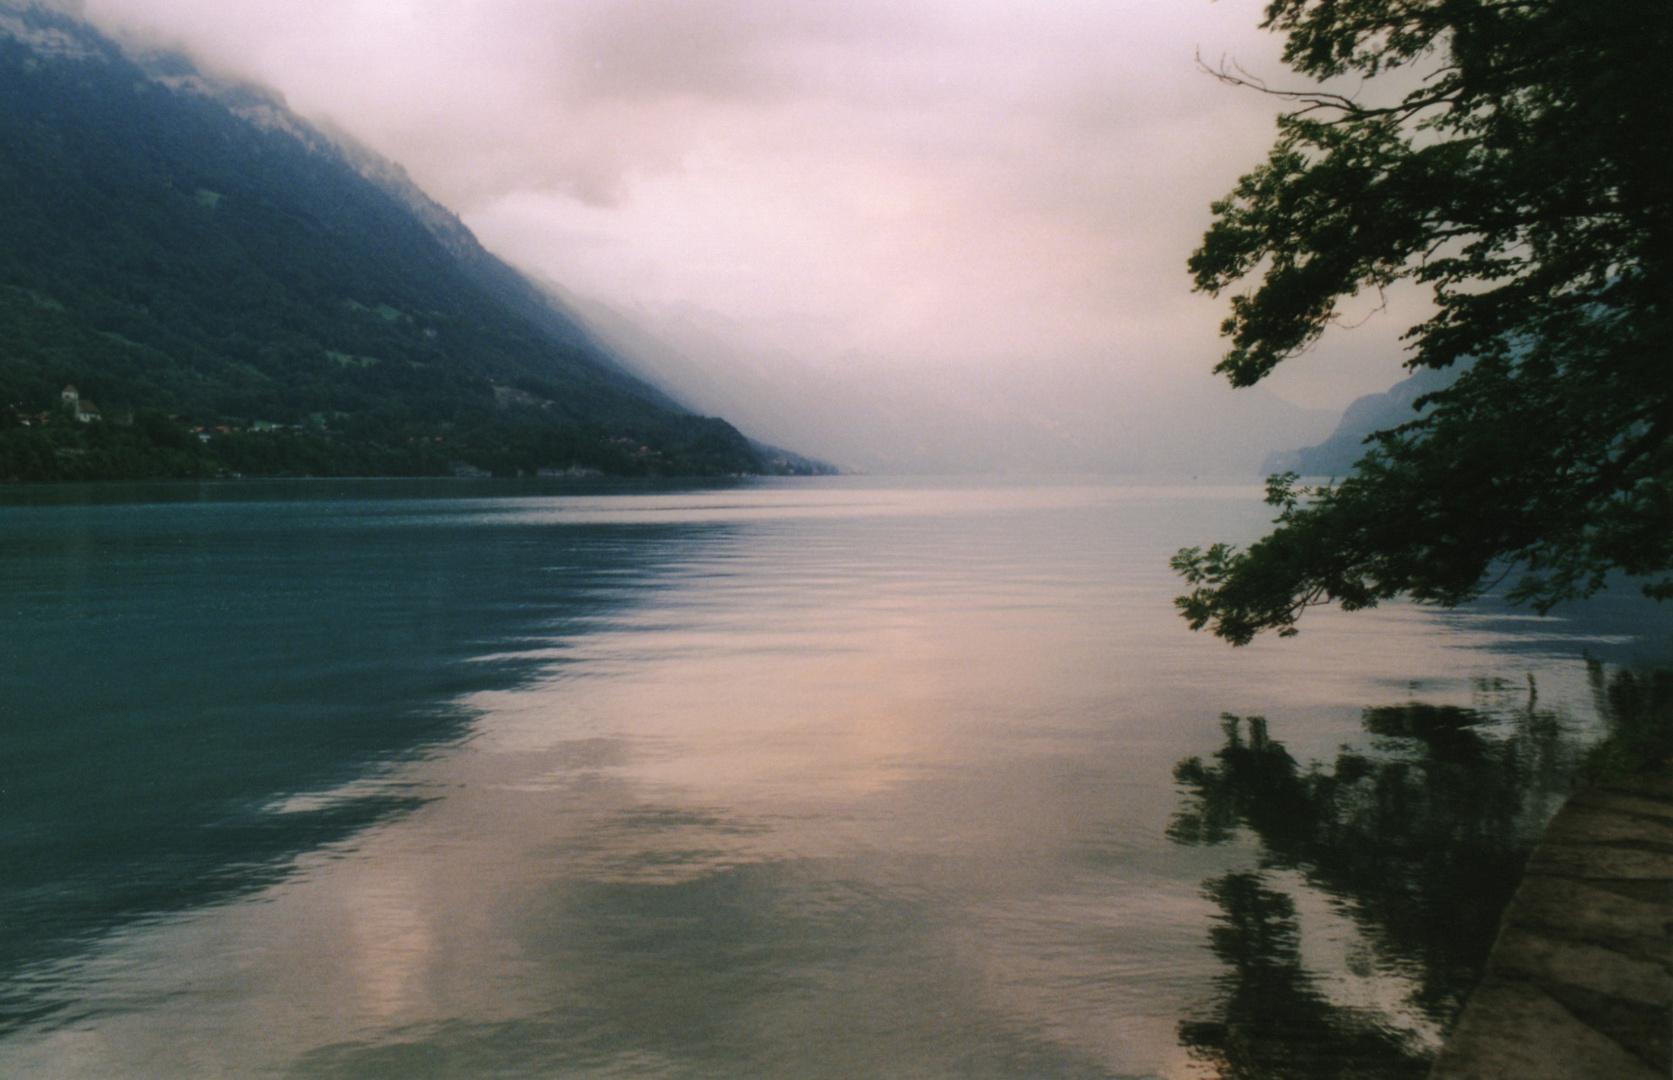 una poesia scritta sull'acqua da ( Catturando ricordi )